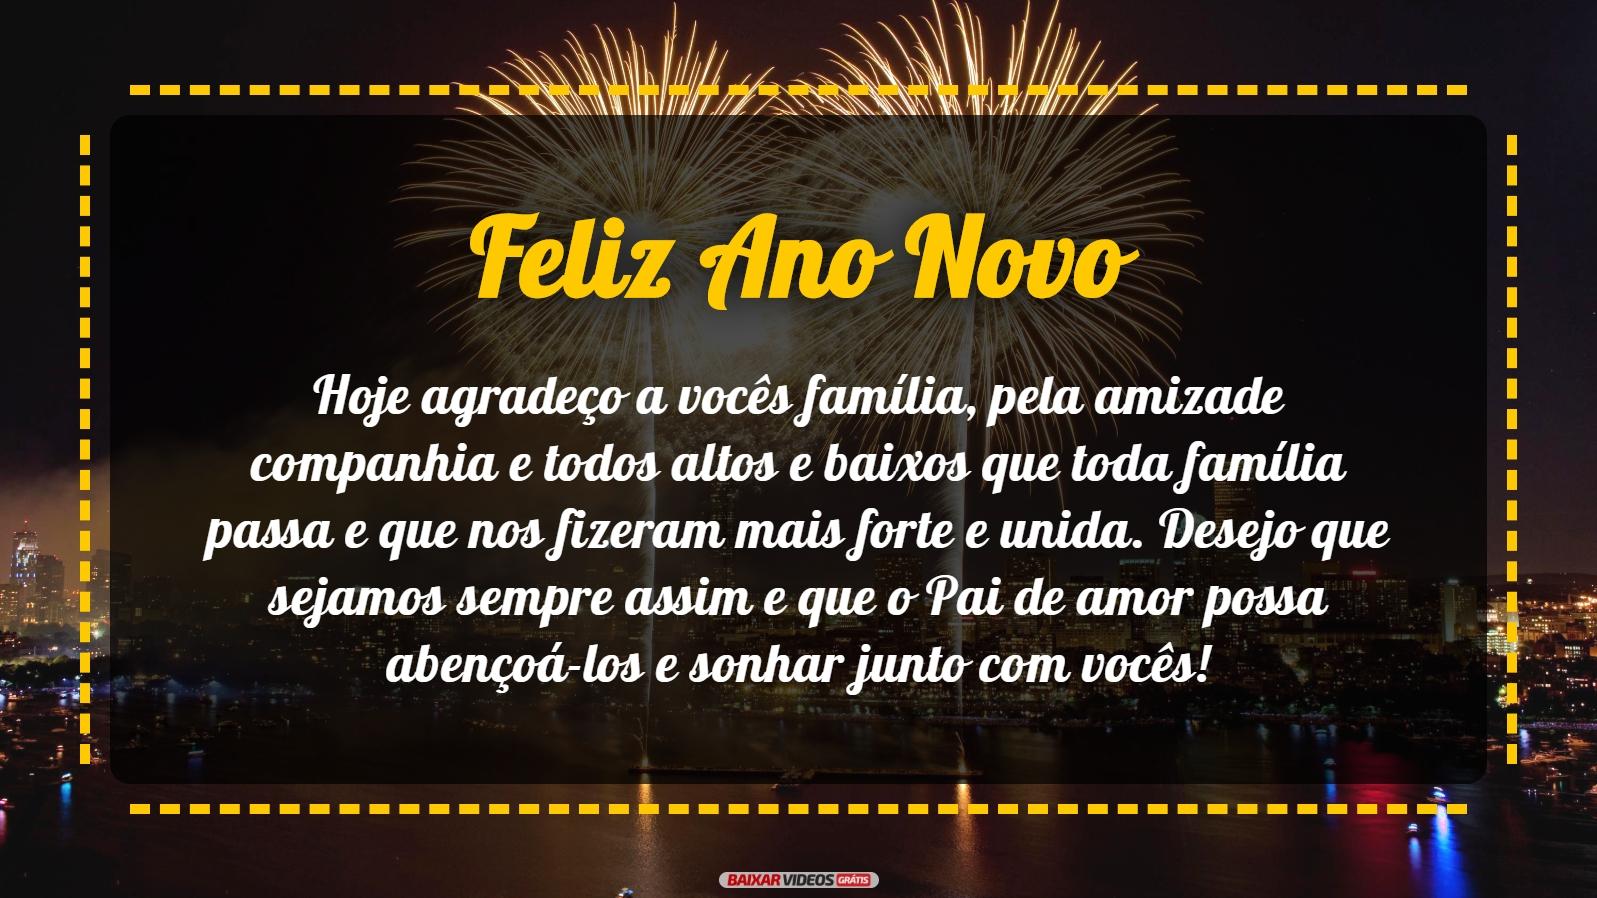 Hoje agradeço a vocês família, pela amizade companhia e todos altos e baixos que toda família passa e que nos fizeram mais forte e unida. Desejo que sejamos sempre assim e que o Pai de amor possa abençoá-los e sonhar junto com vocês! Feliz Ano Novo para todos!